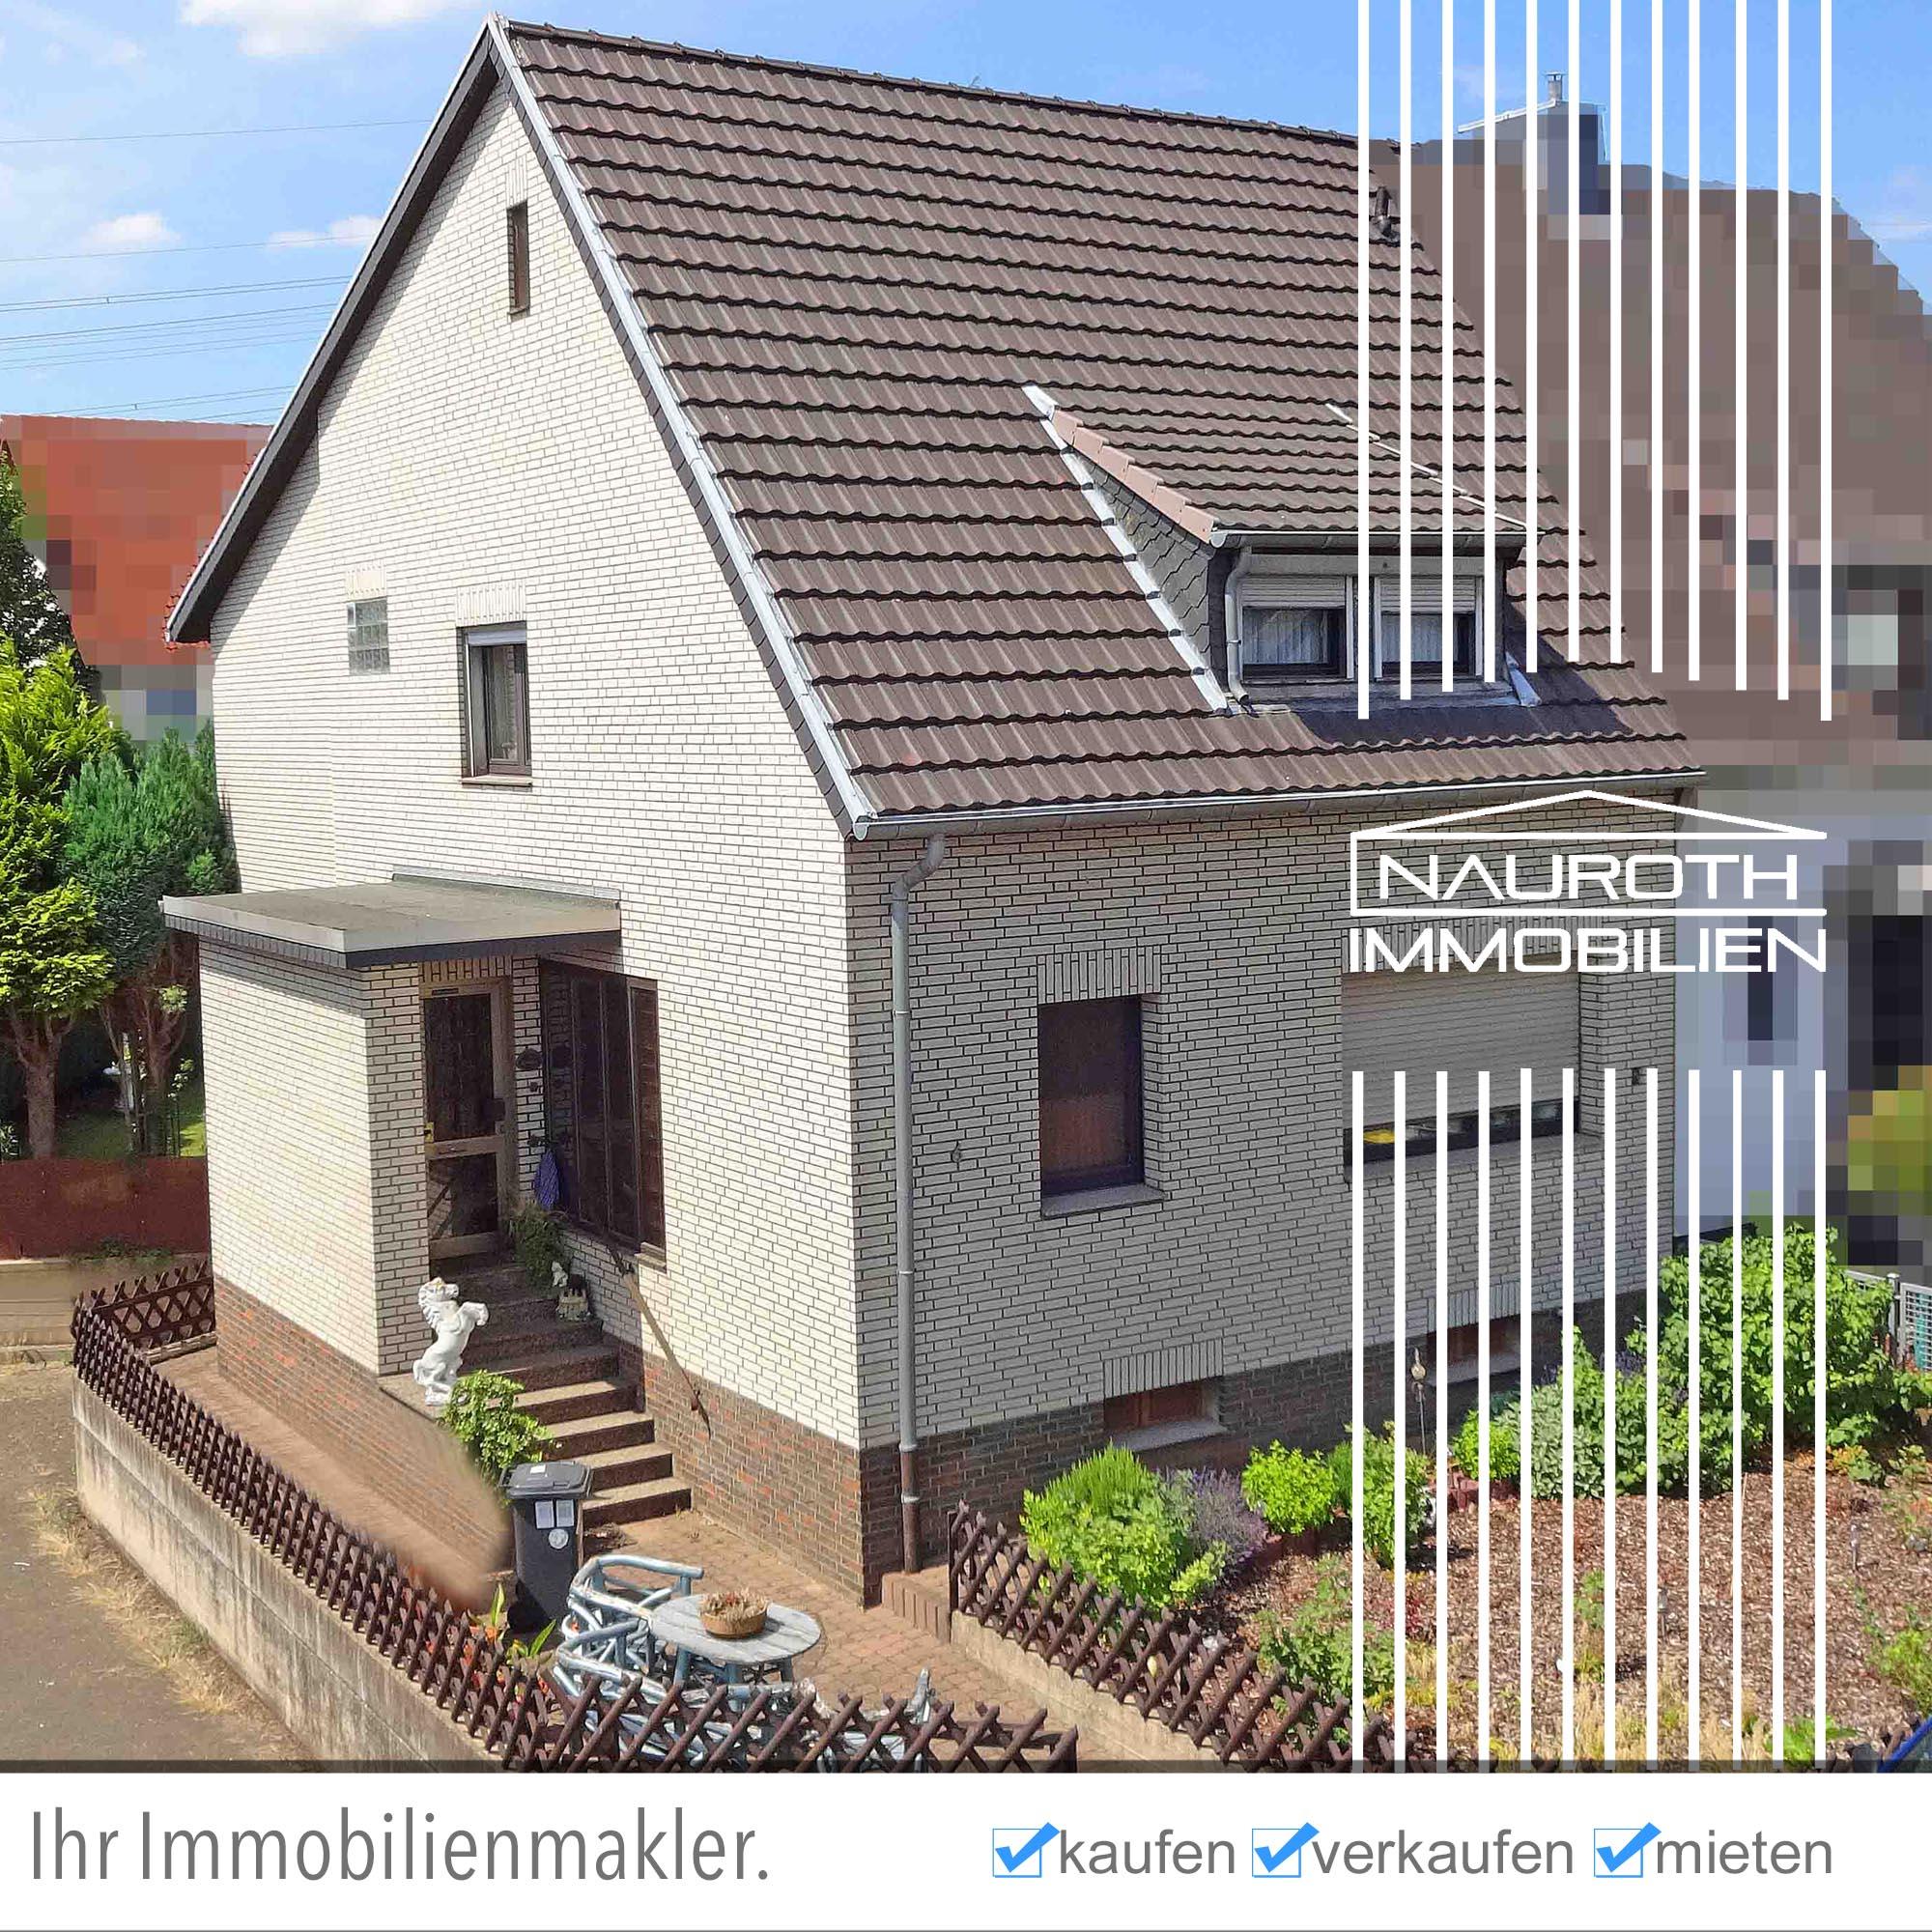 Immobilien Zum Kauf In Fußbach Gengenbach: Einfamilienhaus Zum Kauf In Hürth, Immobilienmakler